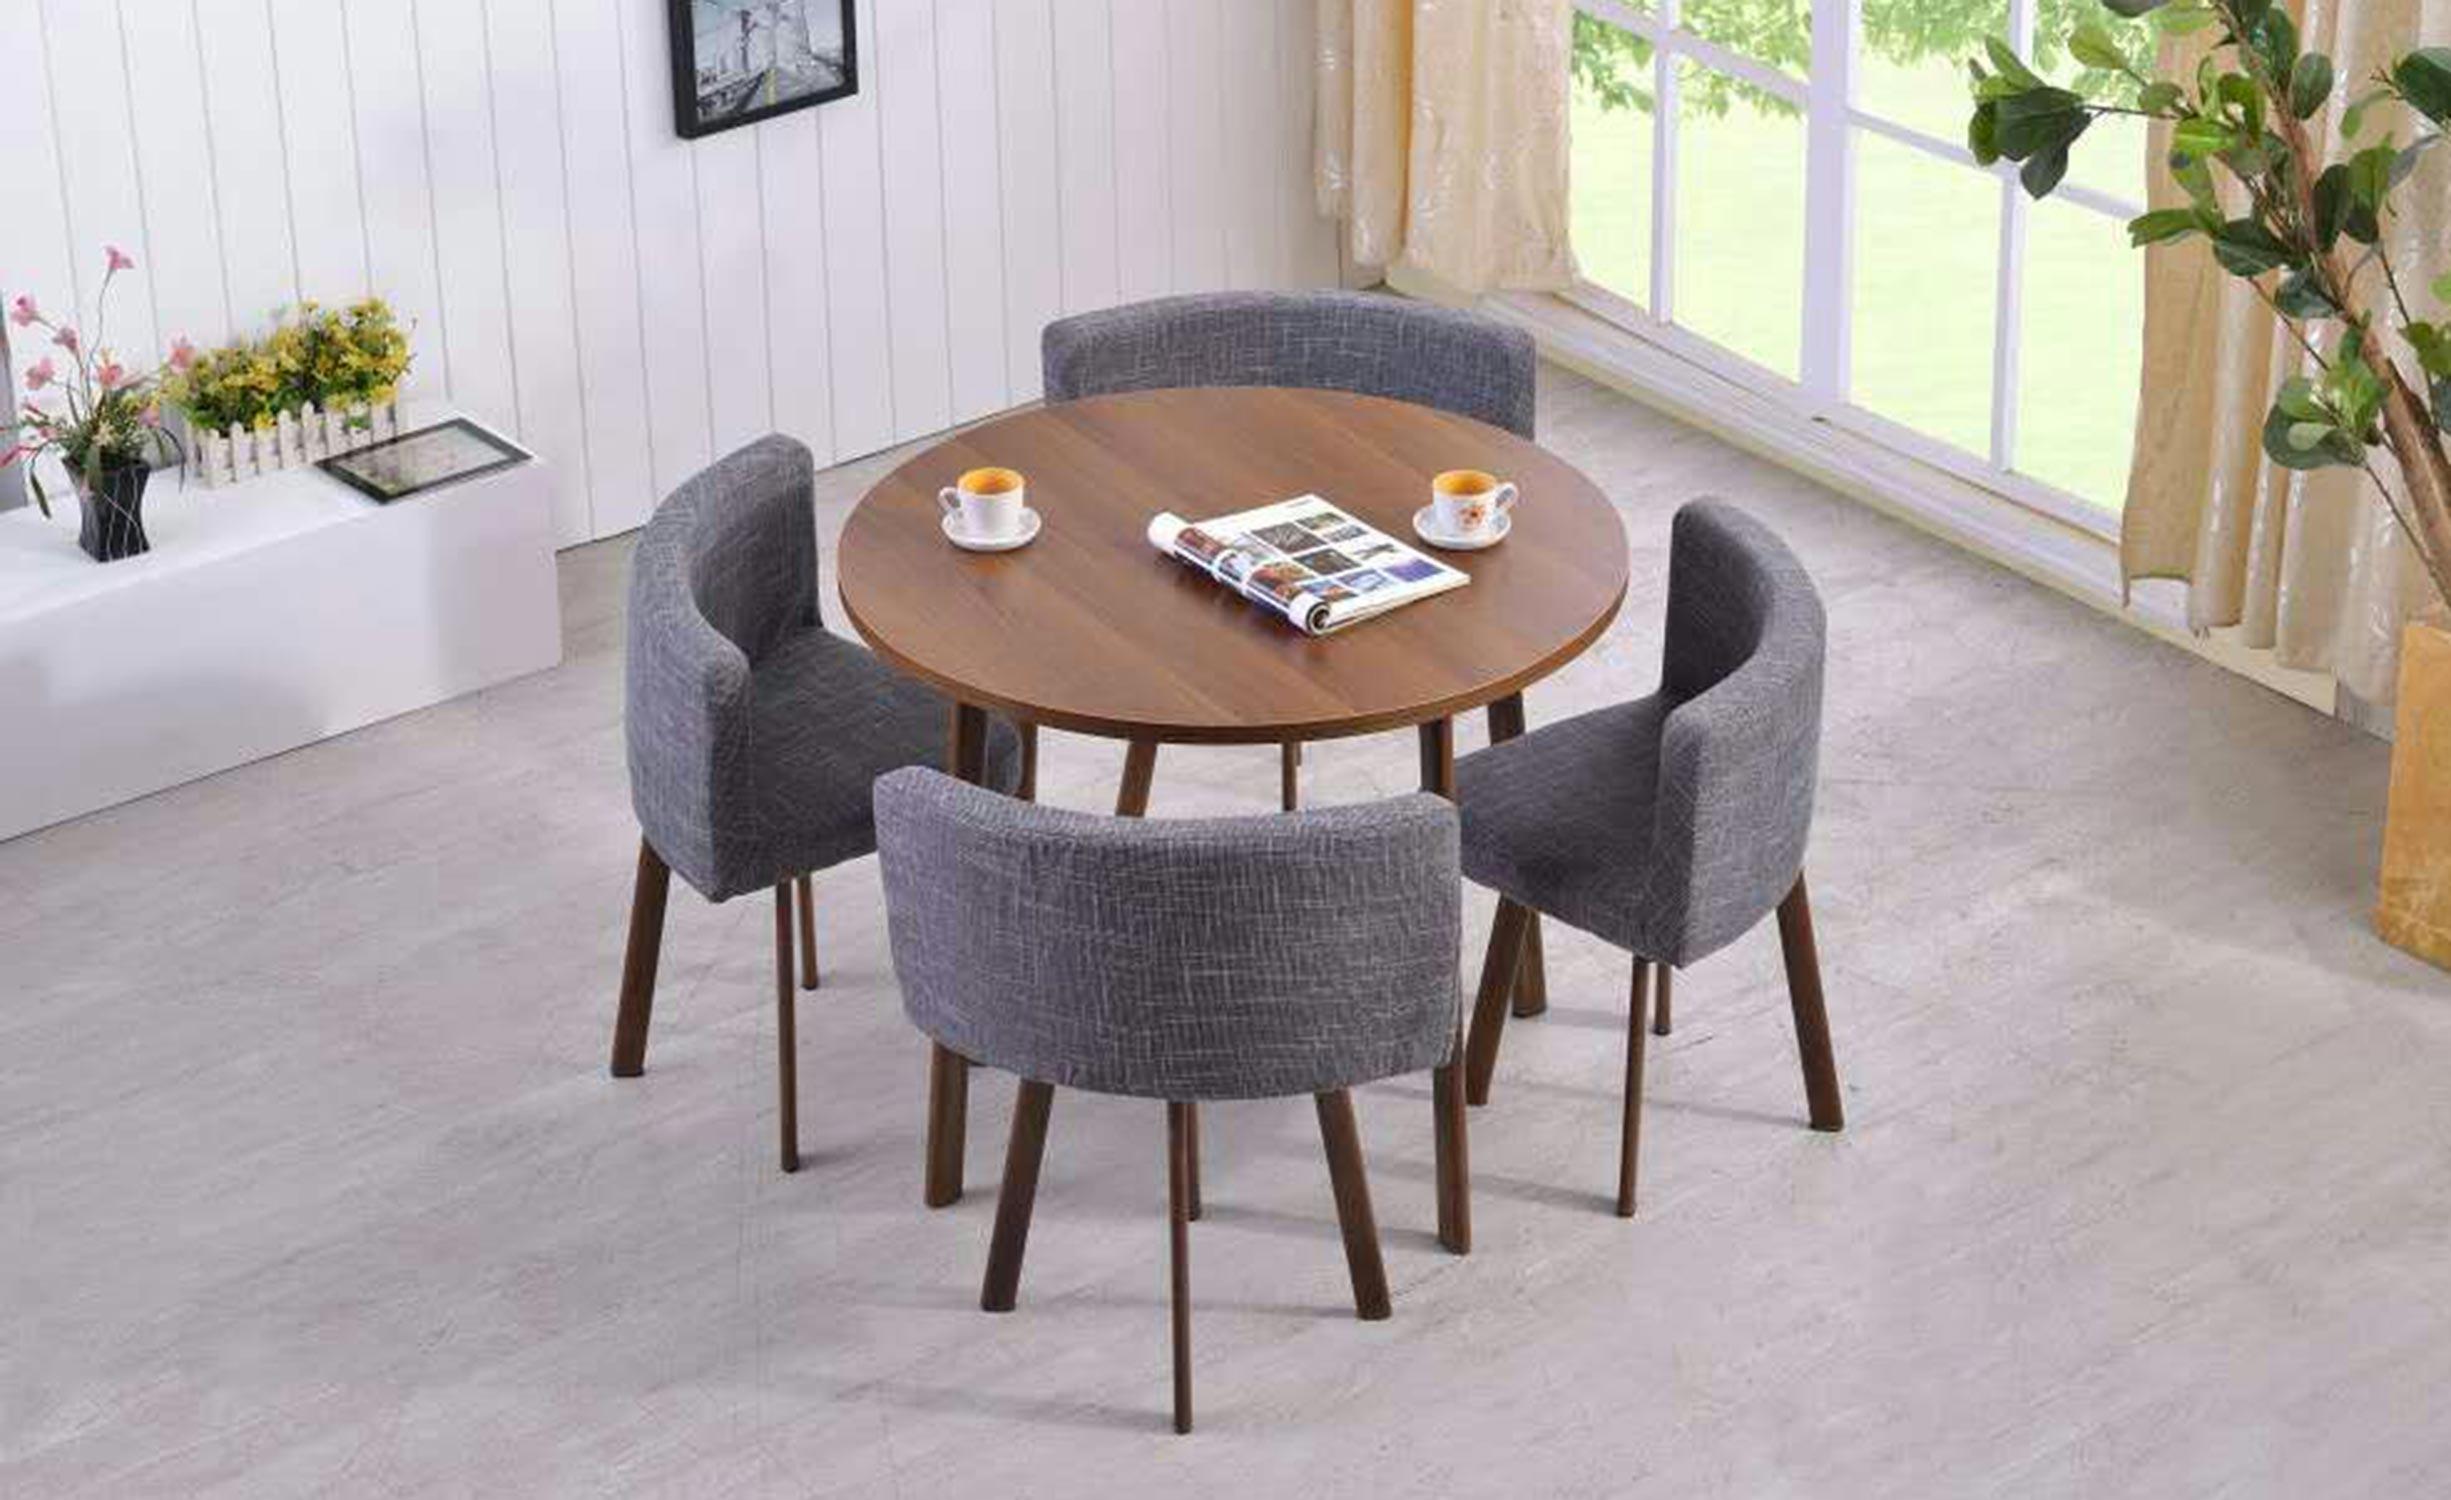 Riga ronde tafel en stoelen in donker eiken en grijze stof